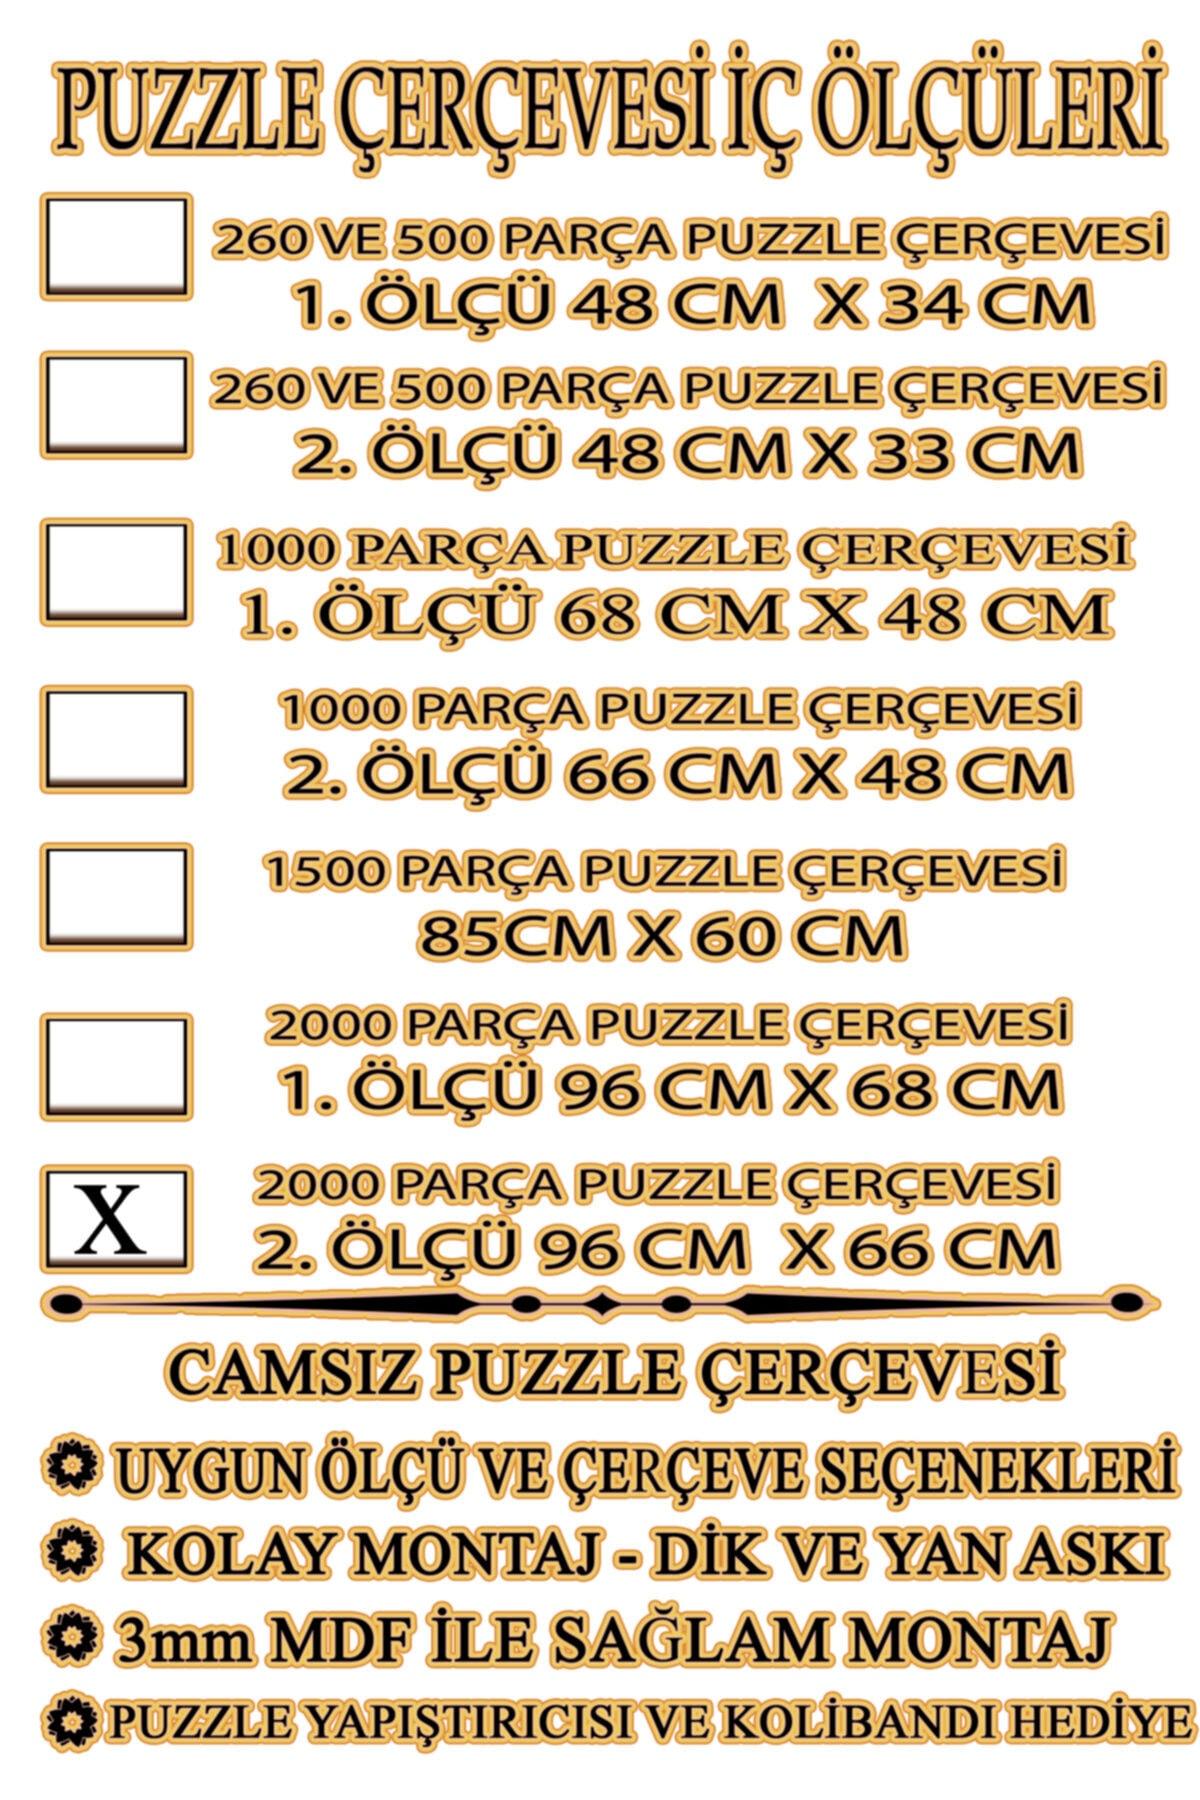 EFOR PUZZLE ÇERÇEVESİ Puzzle Çerçevesi - 2000 Parça ( 96 Cm X 66 Cm Puzzle Çerçevesi )